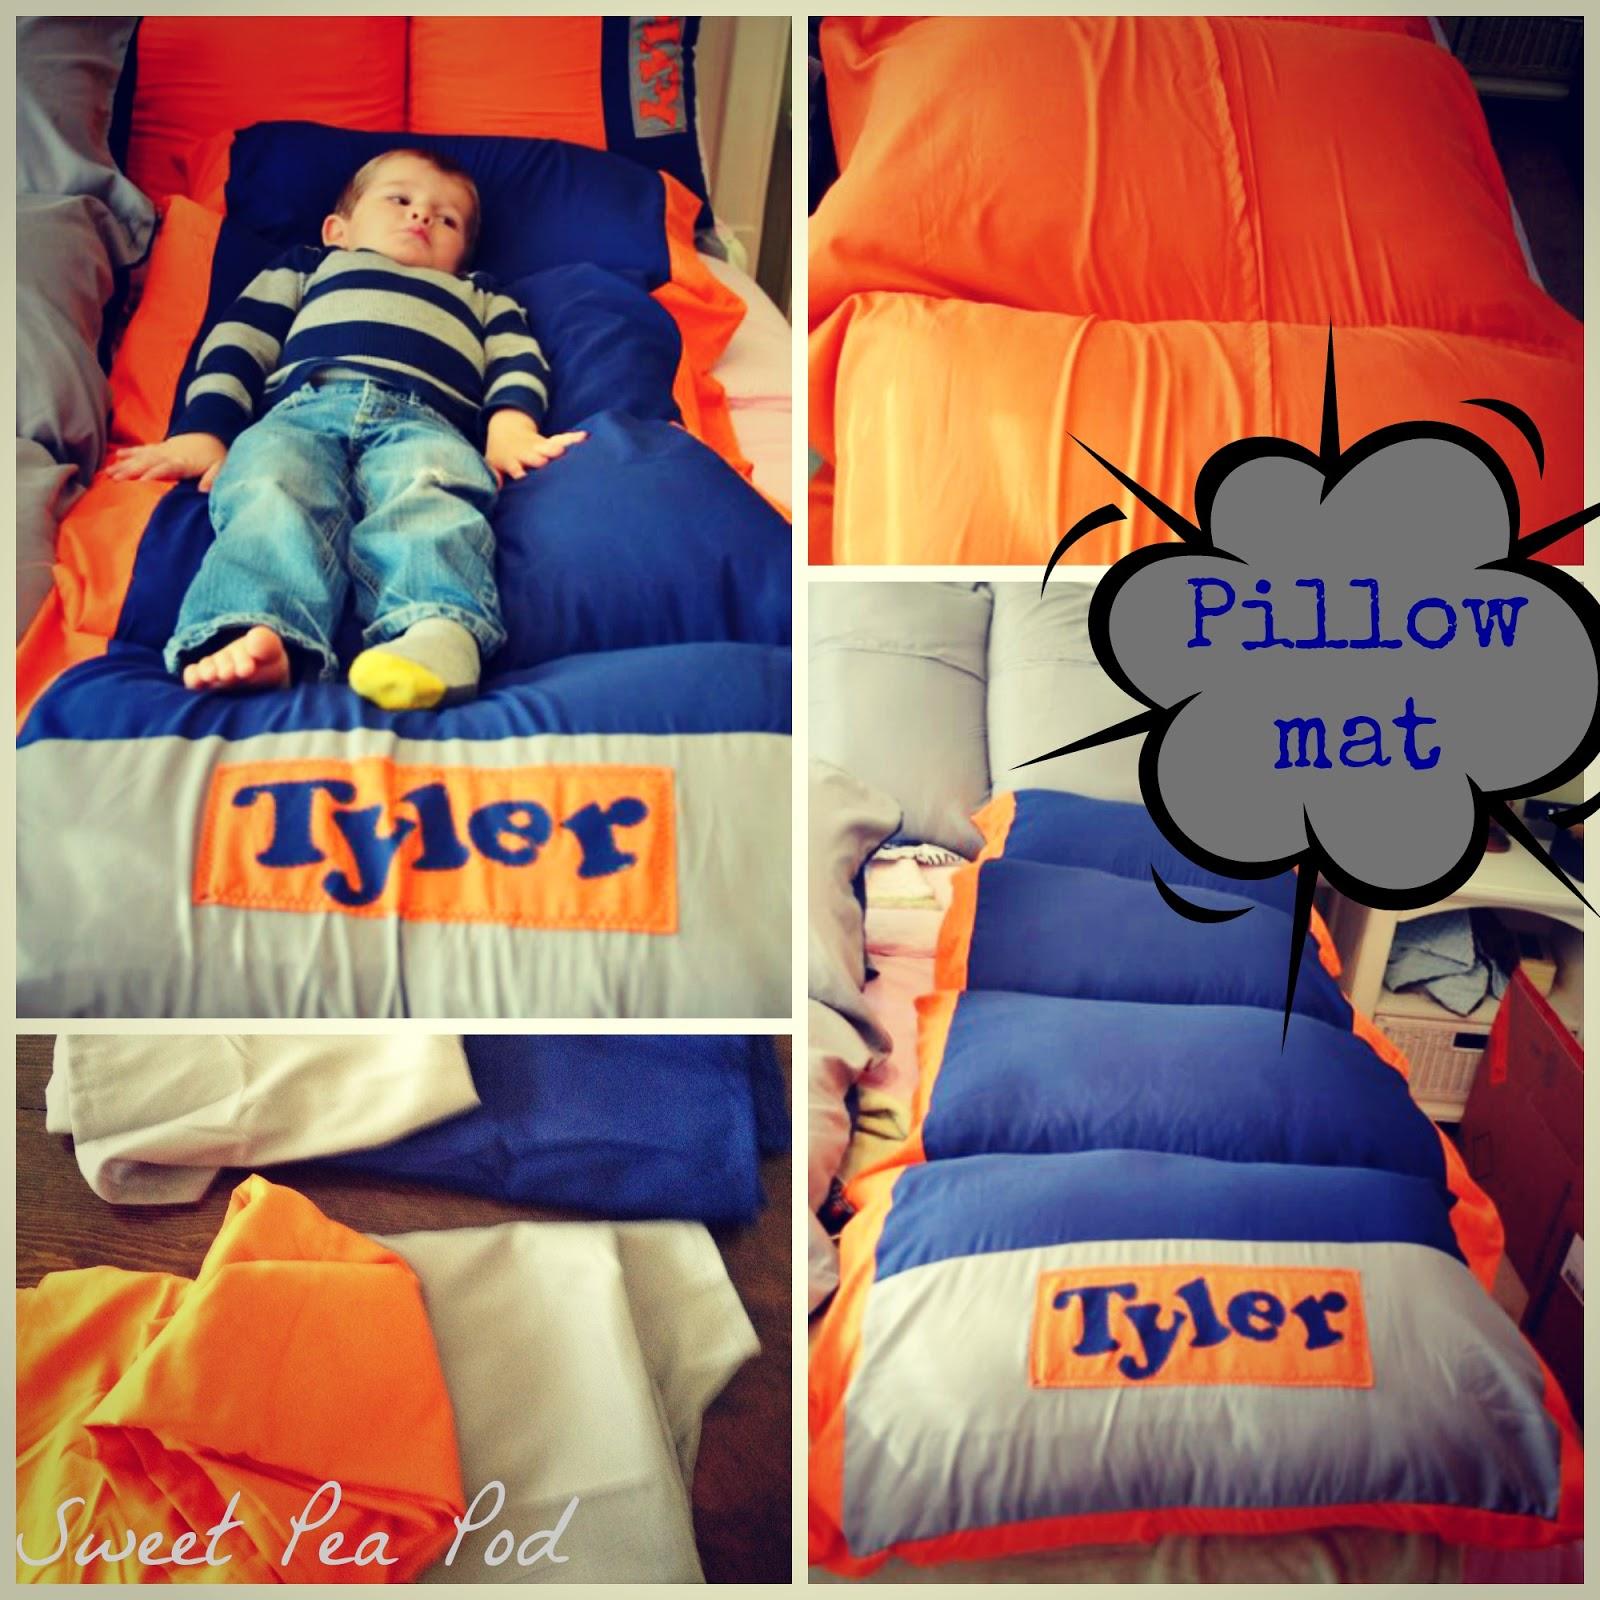 Sweet Pea Pod Pillow mats